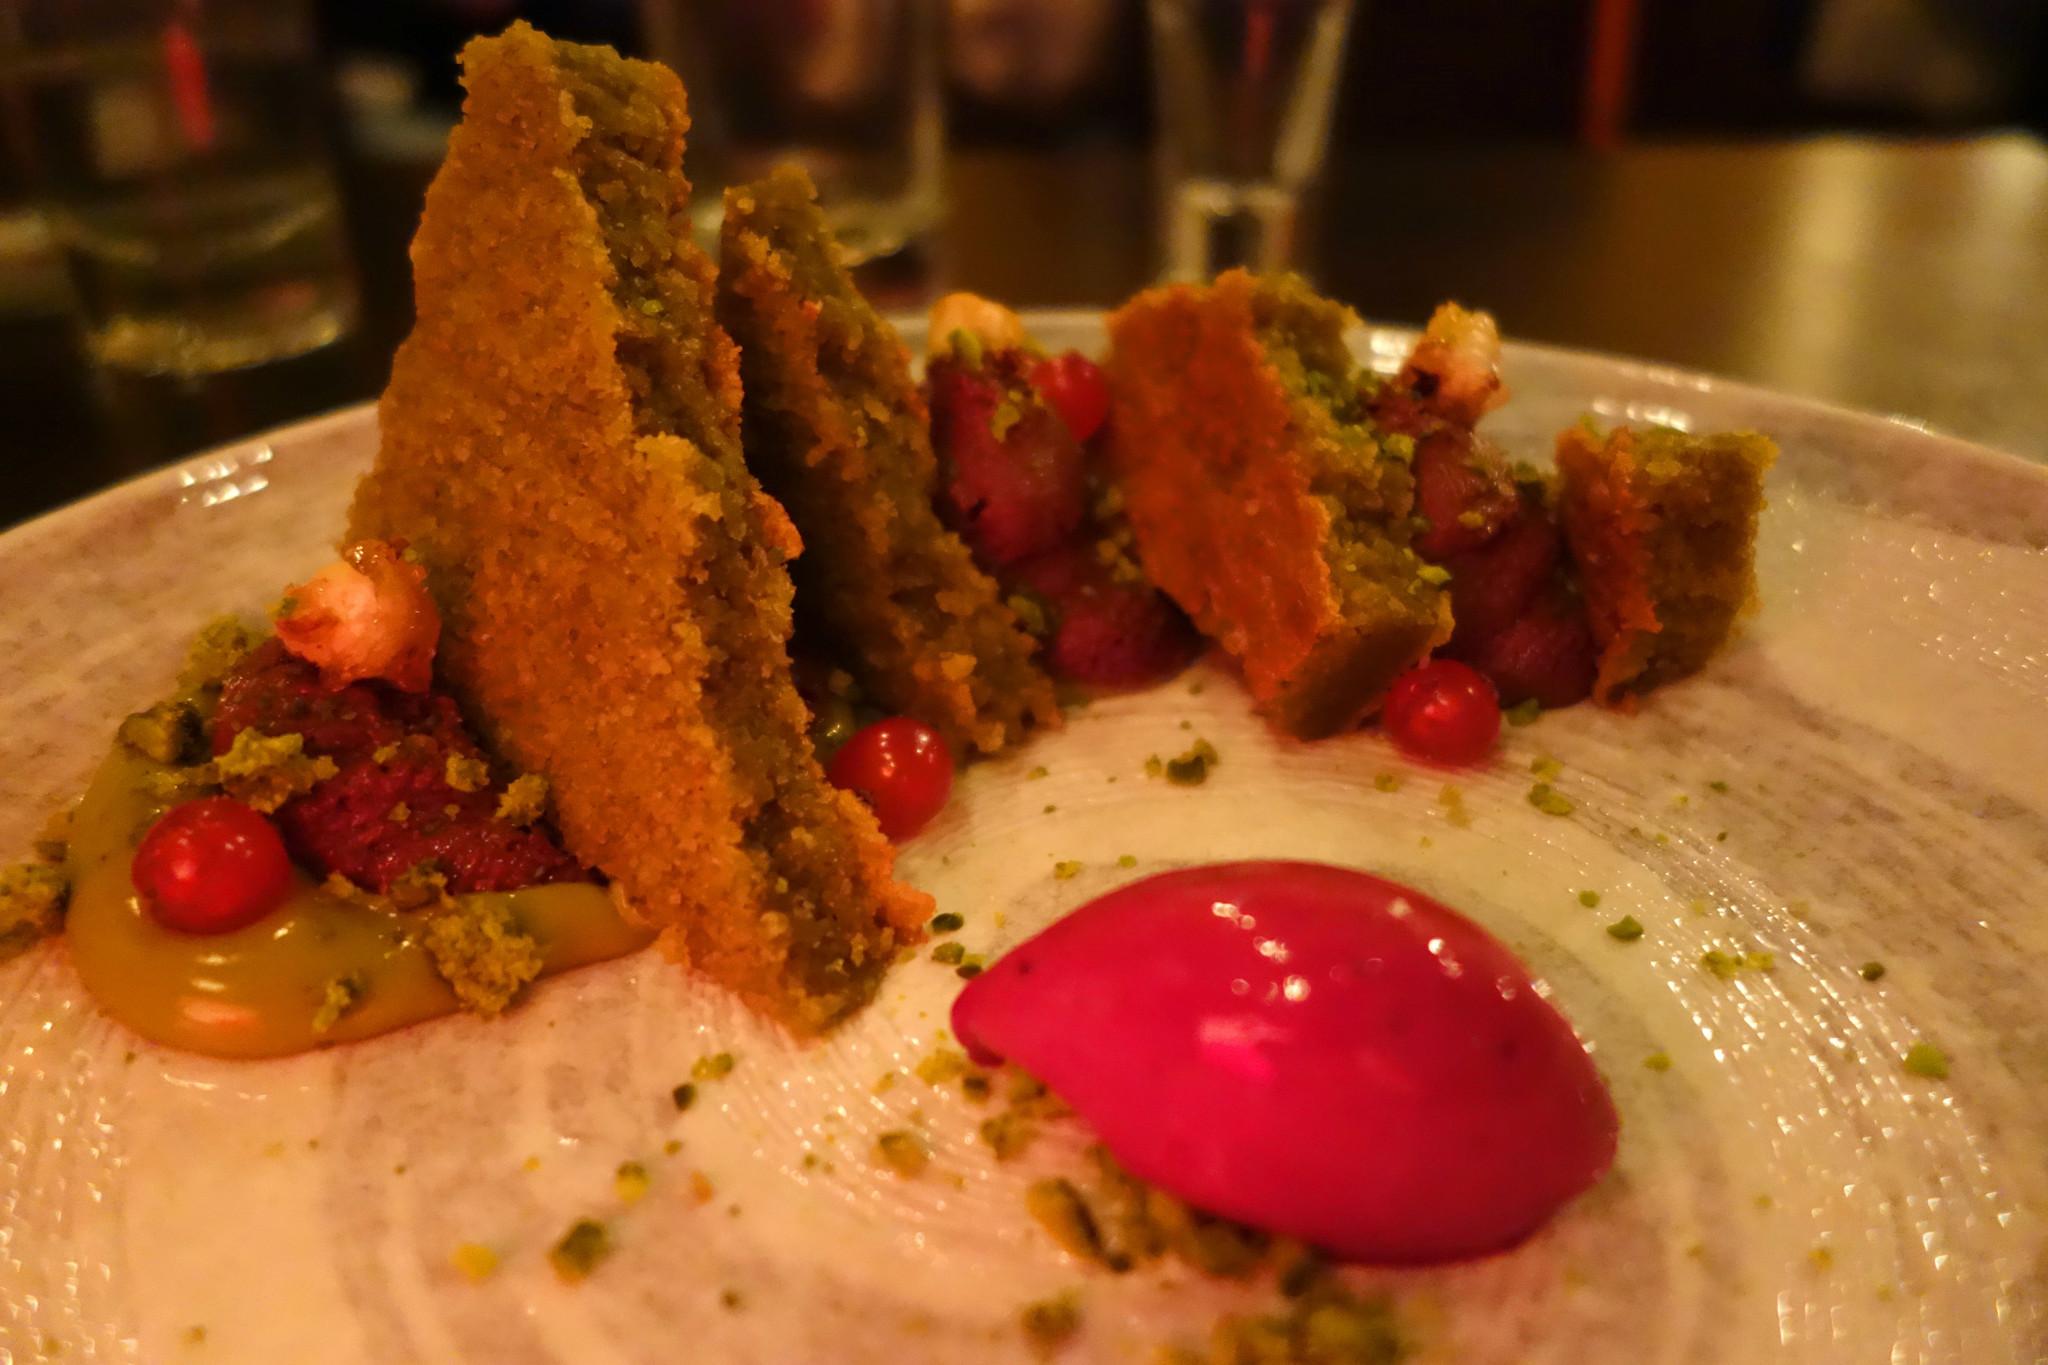 Kurobuta pistachio pudding